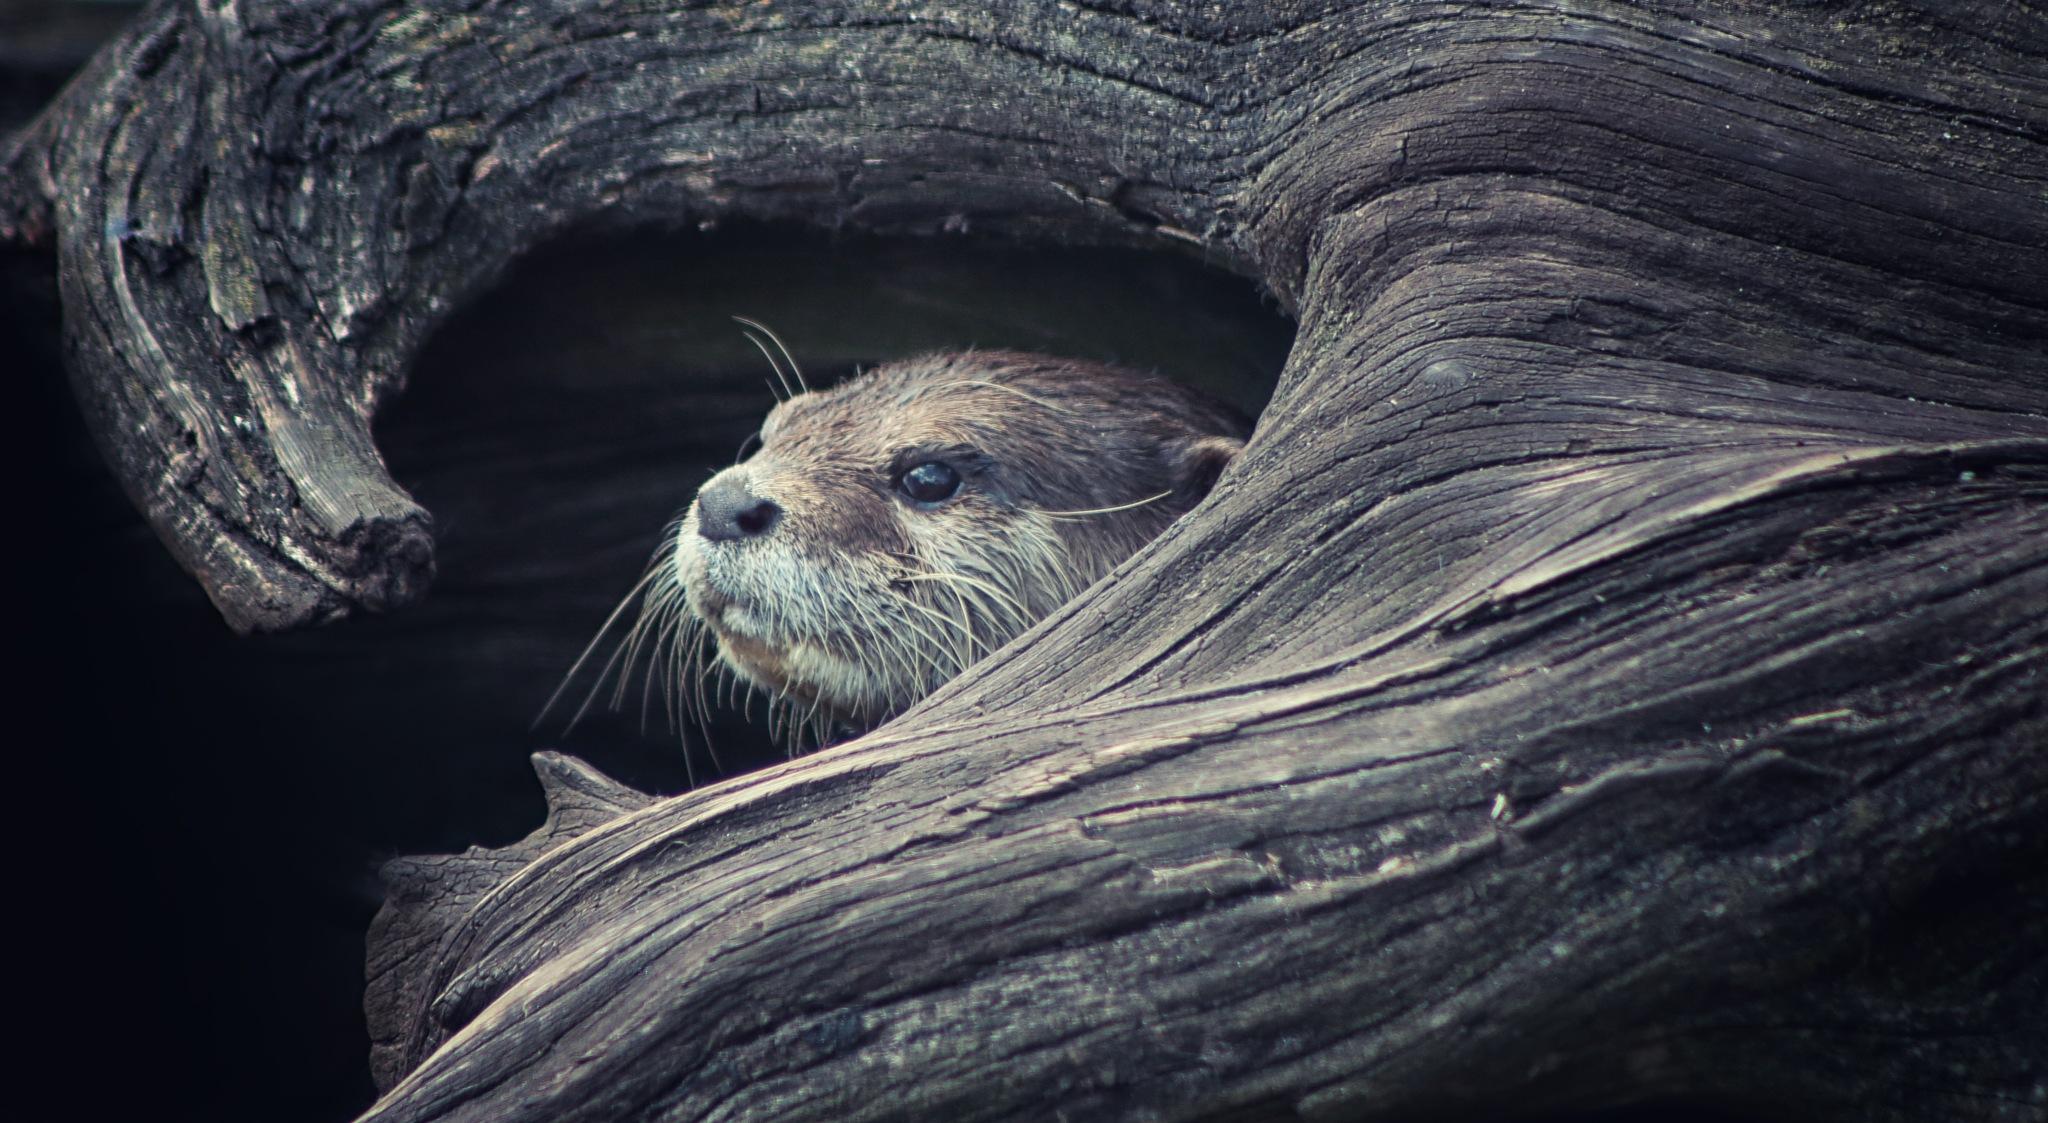 Otter by Henrik T. Sørensen